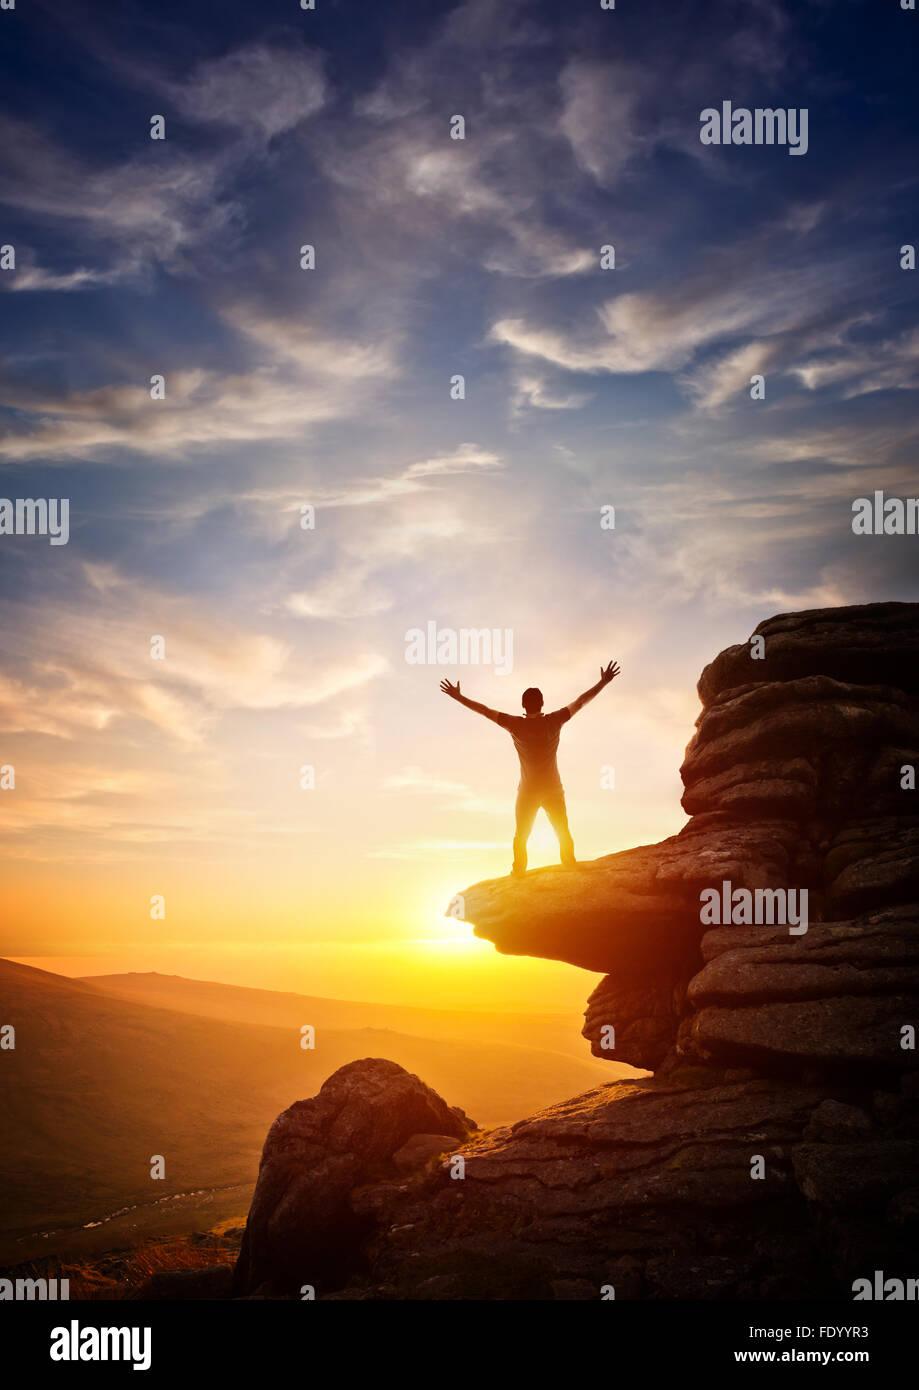 Una persona che arriva fino a partire da un punto alto, impostare contro un tramonto. Esprimendo la libertà Immagini Stock